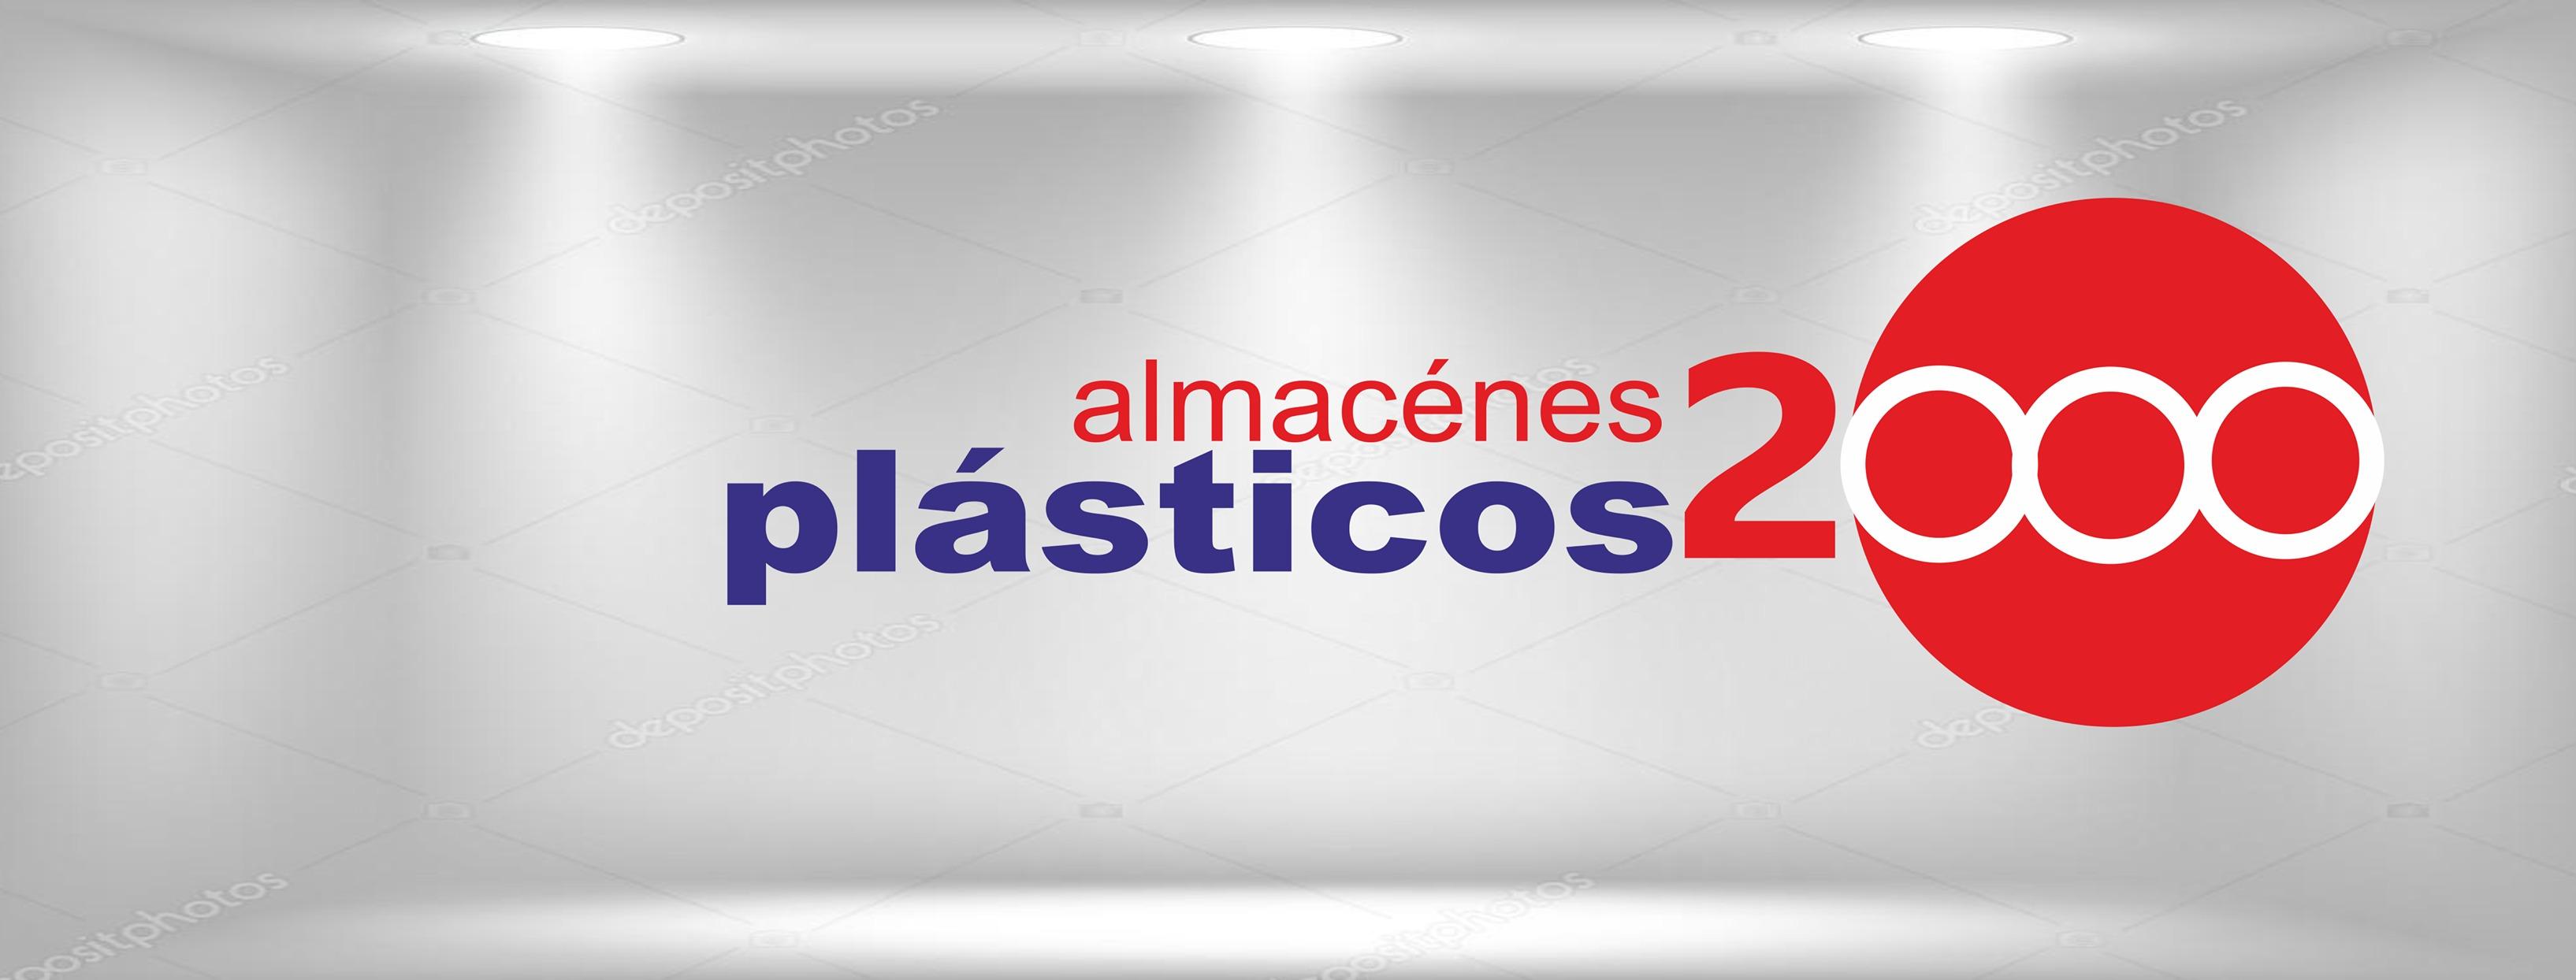 Portada Plásticos 2000